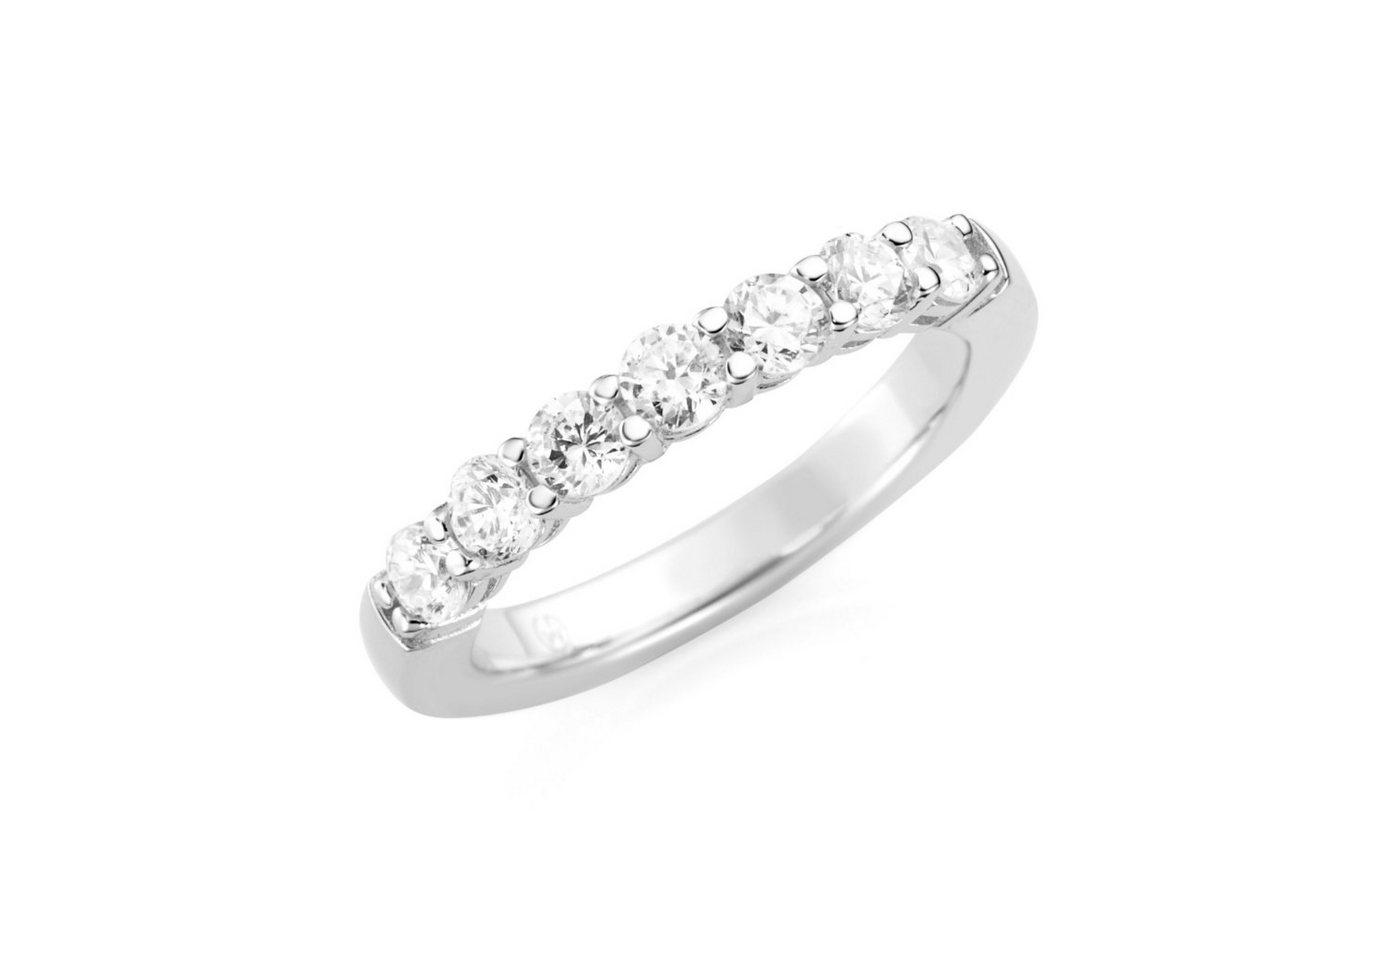 GIORGIO MARTELLO MILANO Verlobungsring »Zirkonia Steinen« | Schmuck > Ringe > Verlobungsringe | GIORGIO MARTELLO MILANO